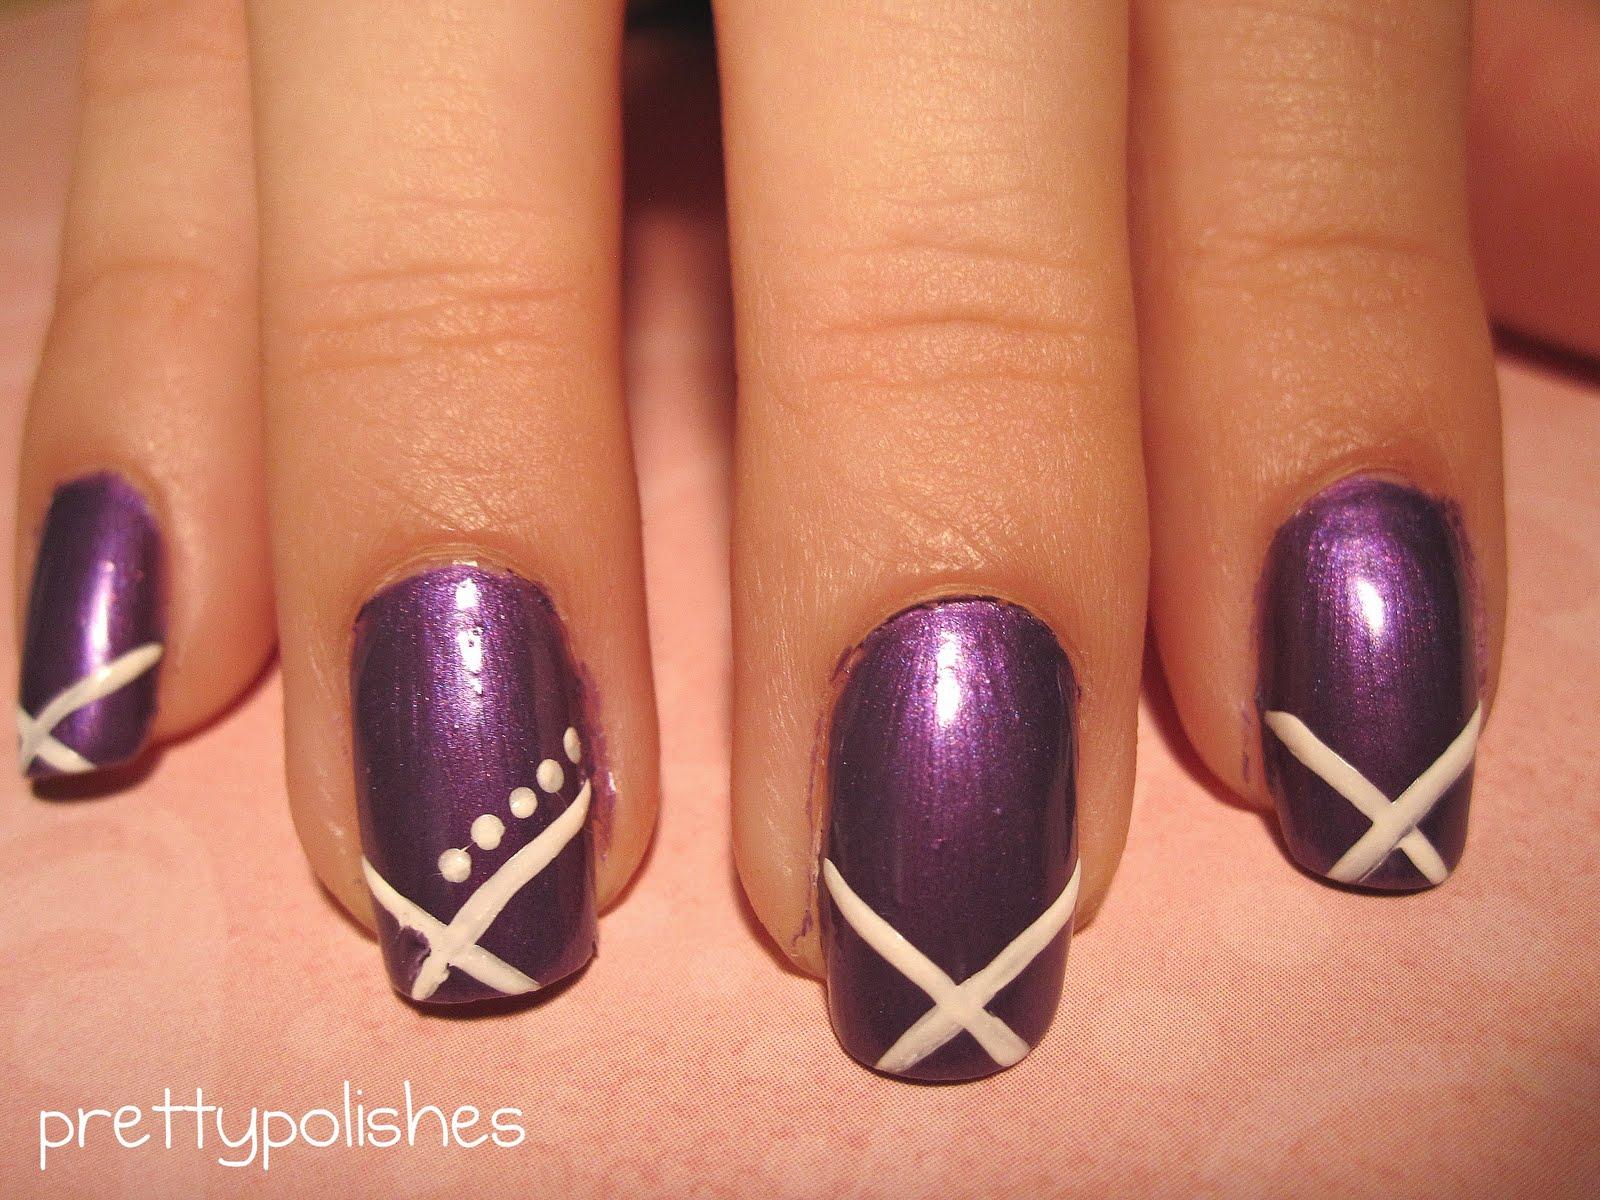 Prettypolishes Simple Purple And White Nail Design